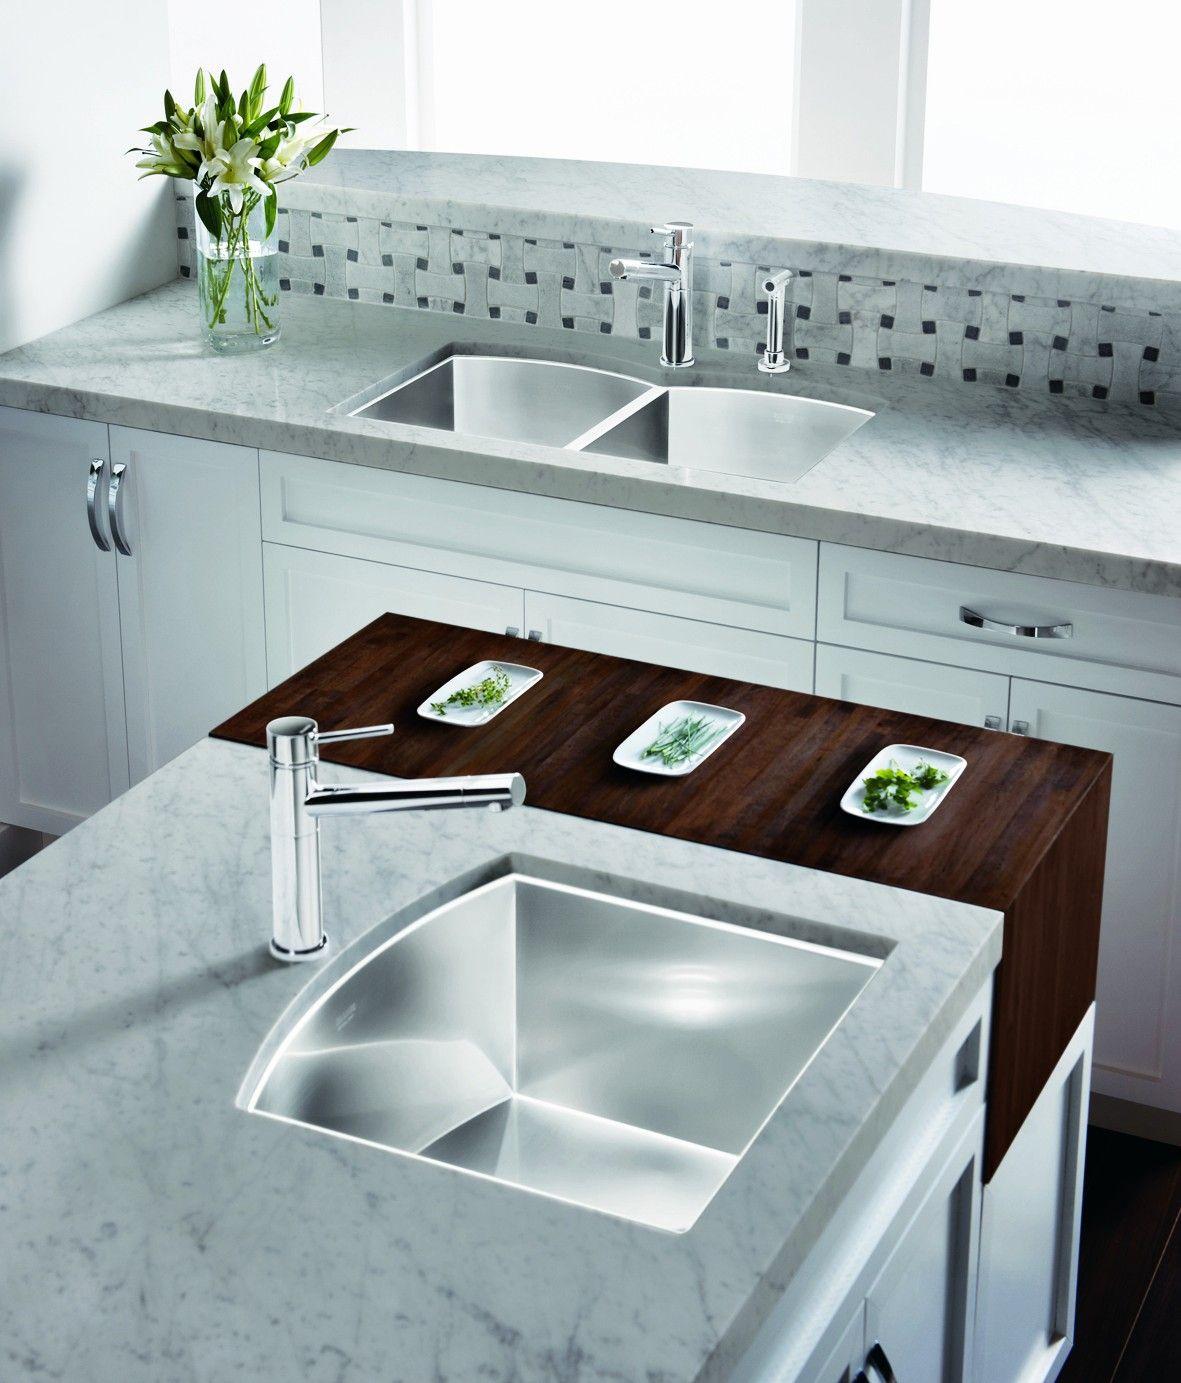 Single Bowl Kitchen Sink Divider | Sink Ideas | Pinterest | Divider ...